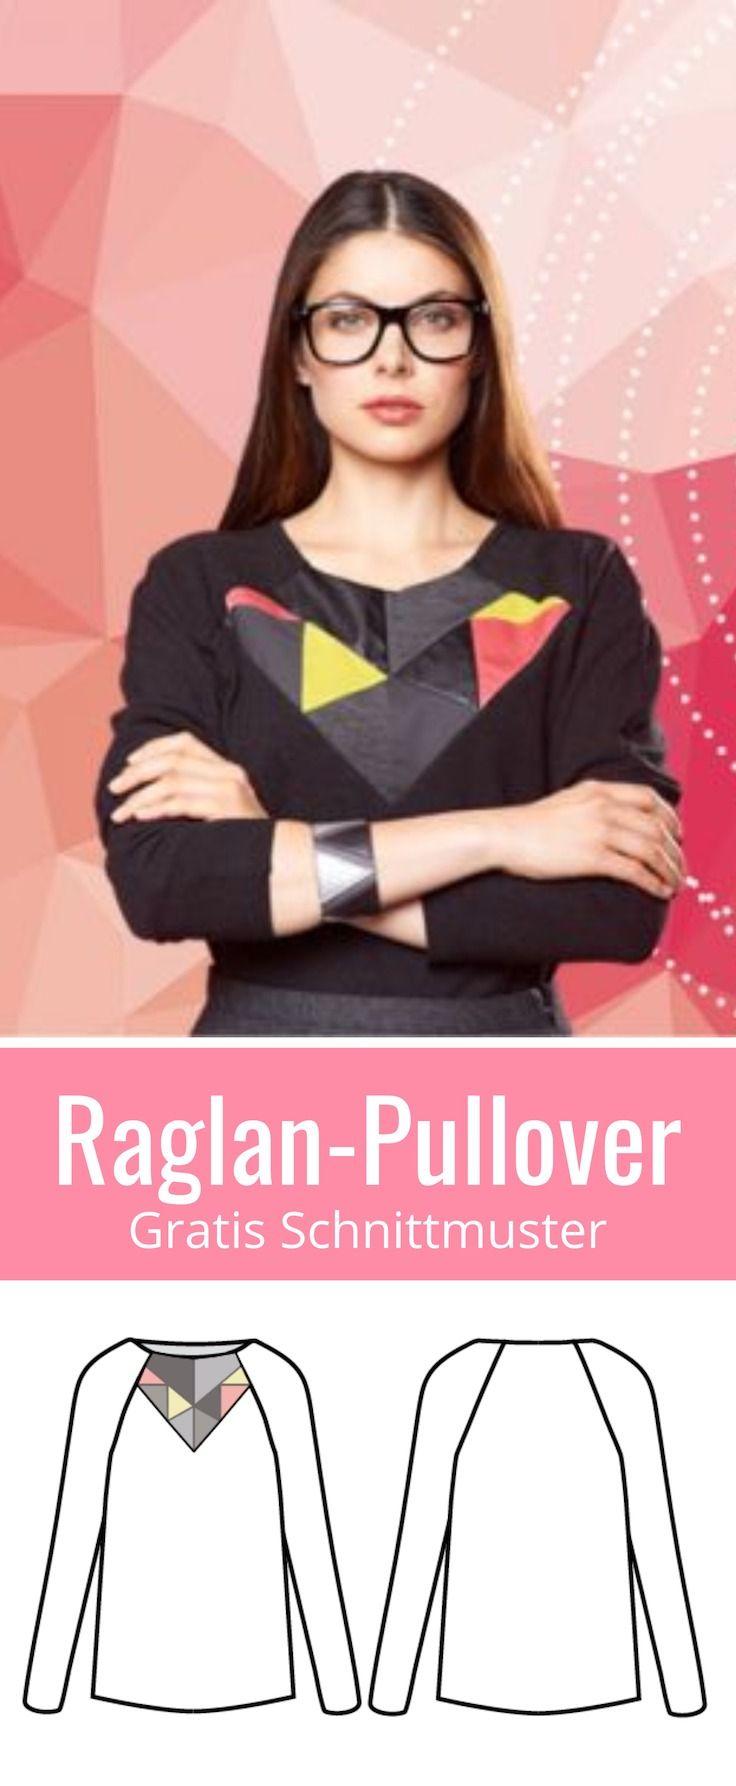 Raglan-Pullover für Damen zum selber nähen mit gratis Schnittmuster. Freebook und Anleitung für Größe 36 - 48 ✂️